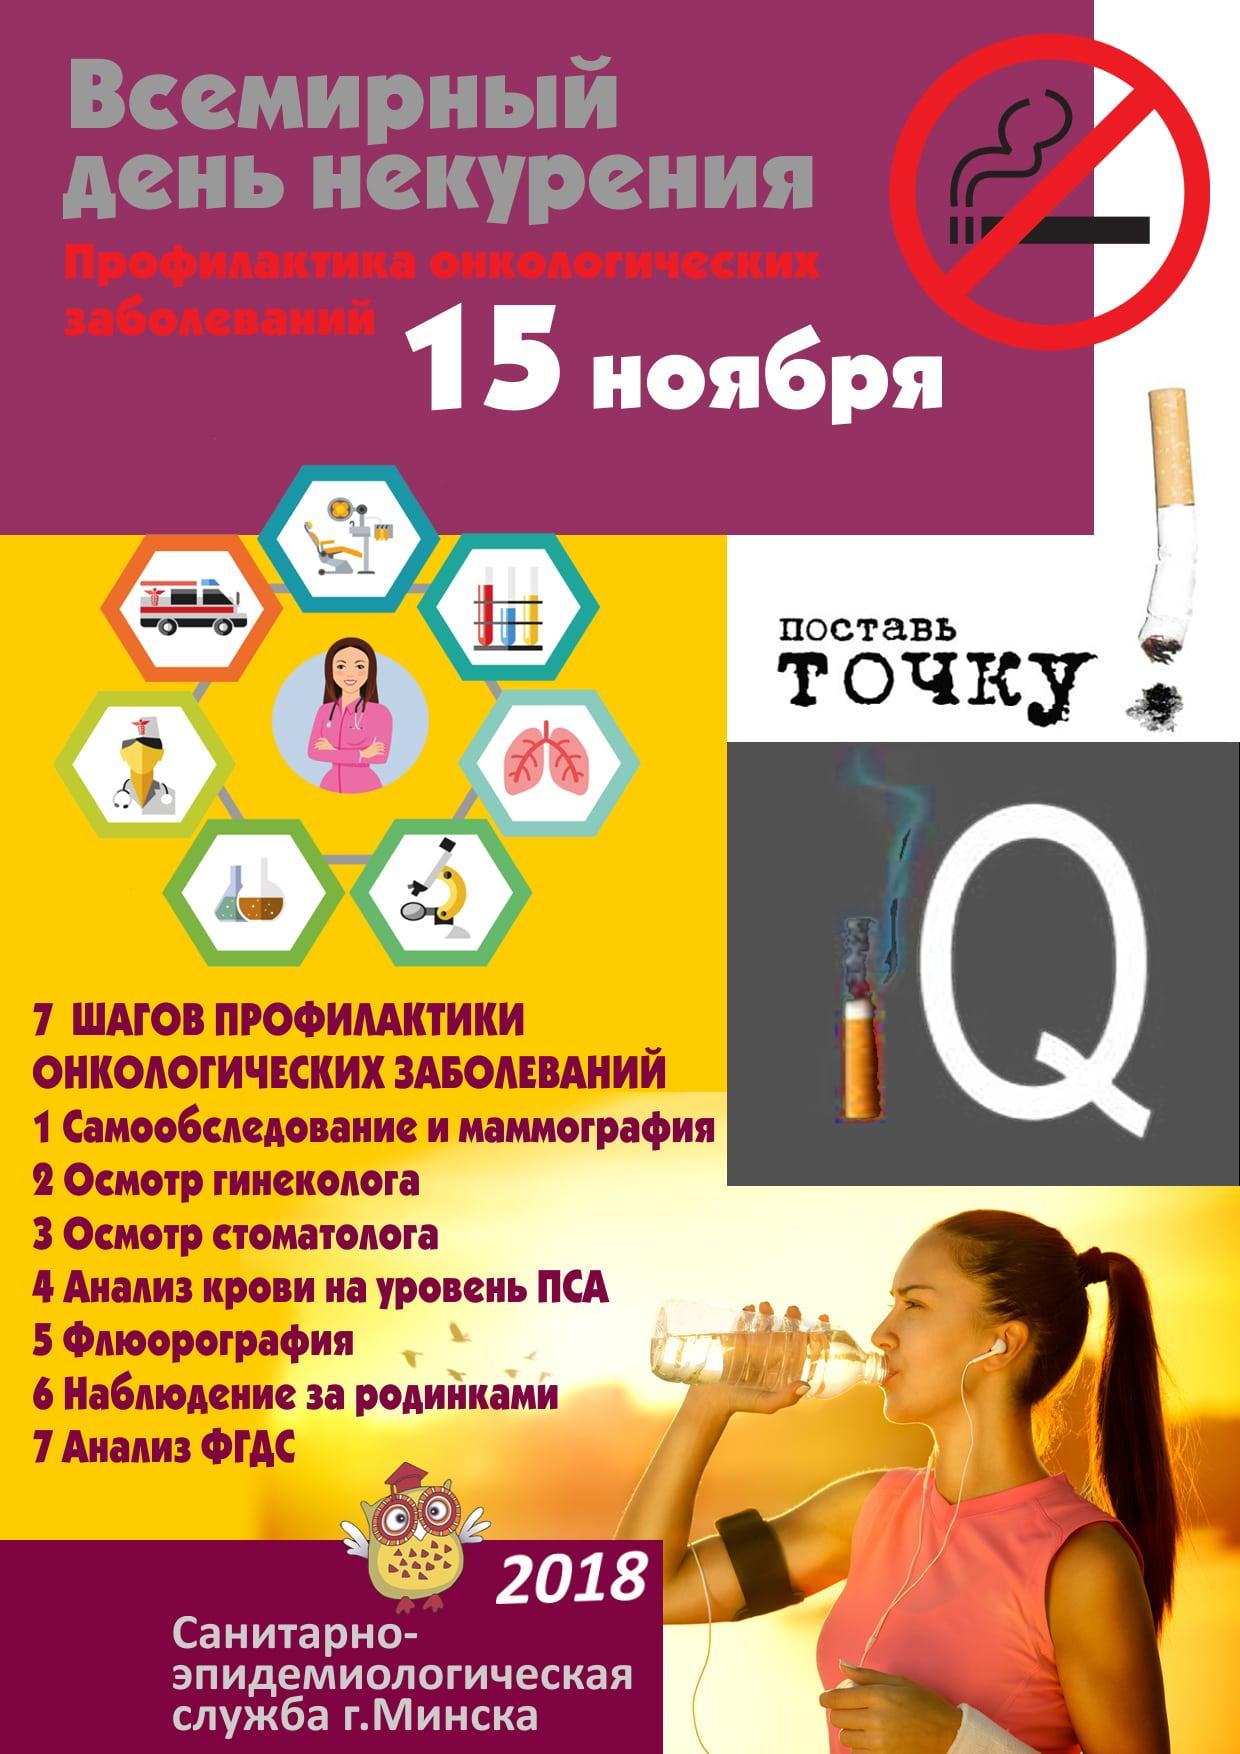 dd1efbadbbe6 Ежегодно по инициативе Международного союза по борьбе с раком в третий  четверг ноября проводится День некурения.